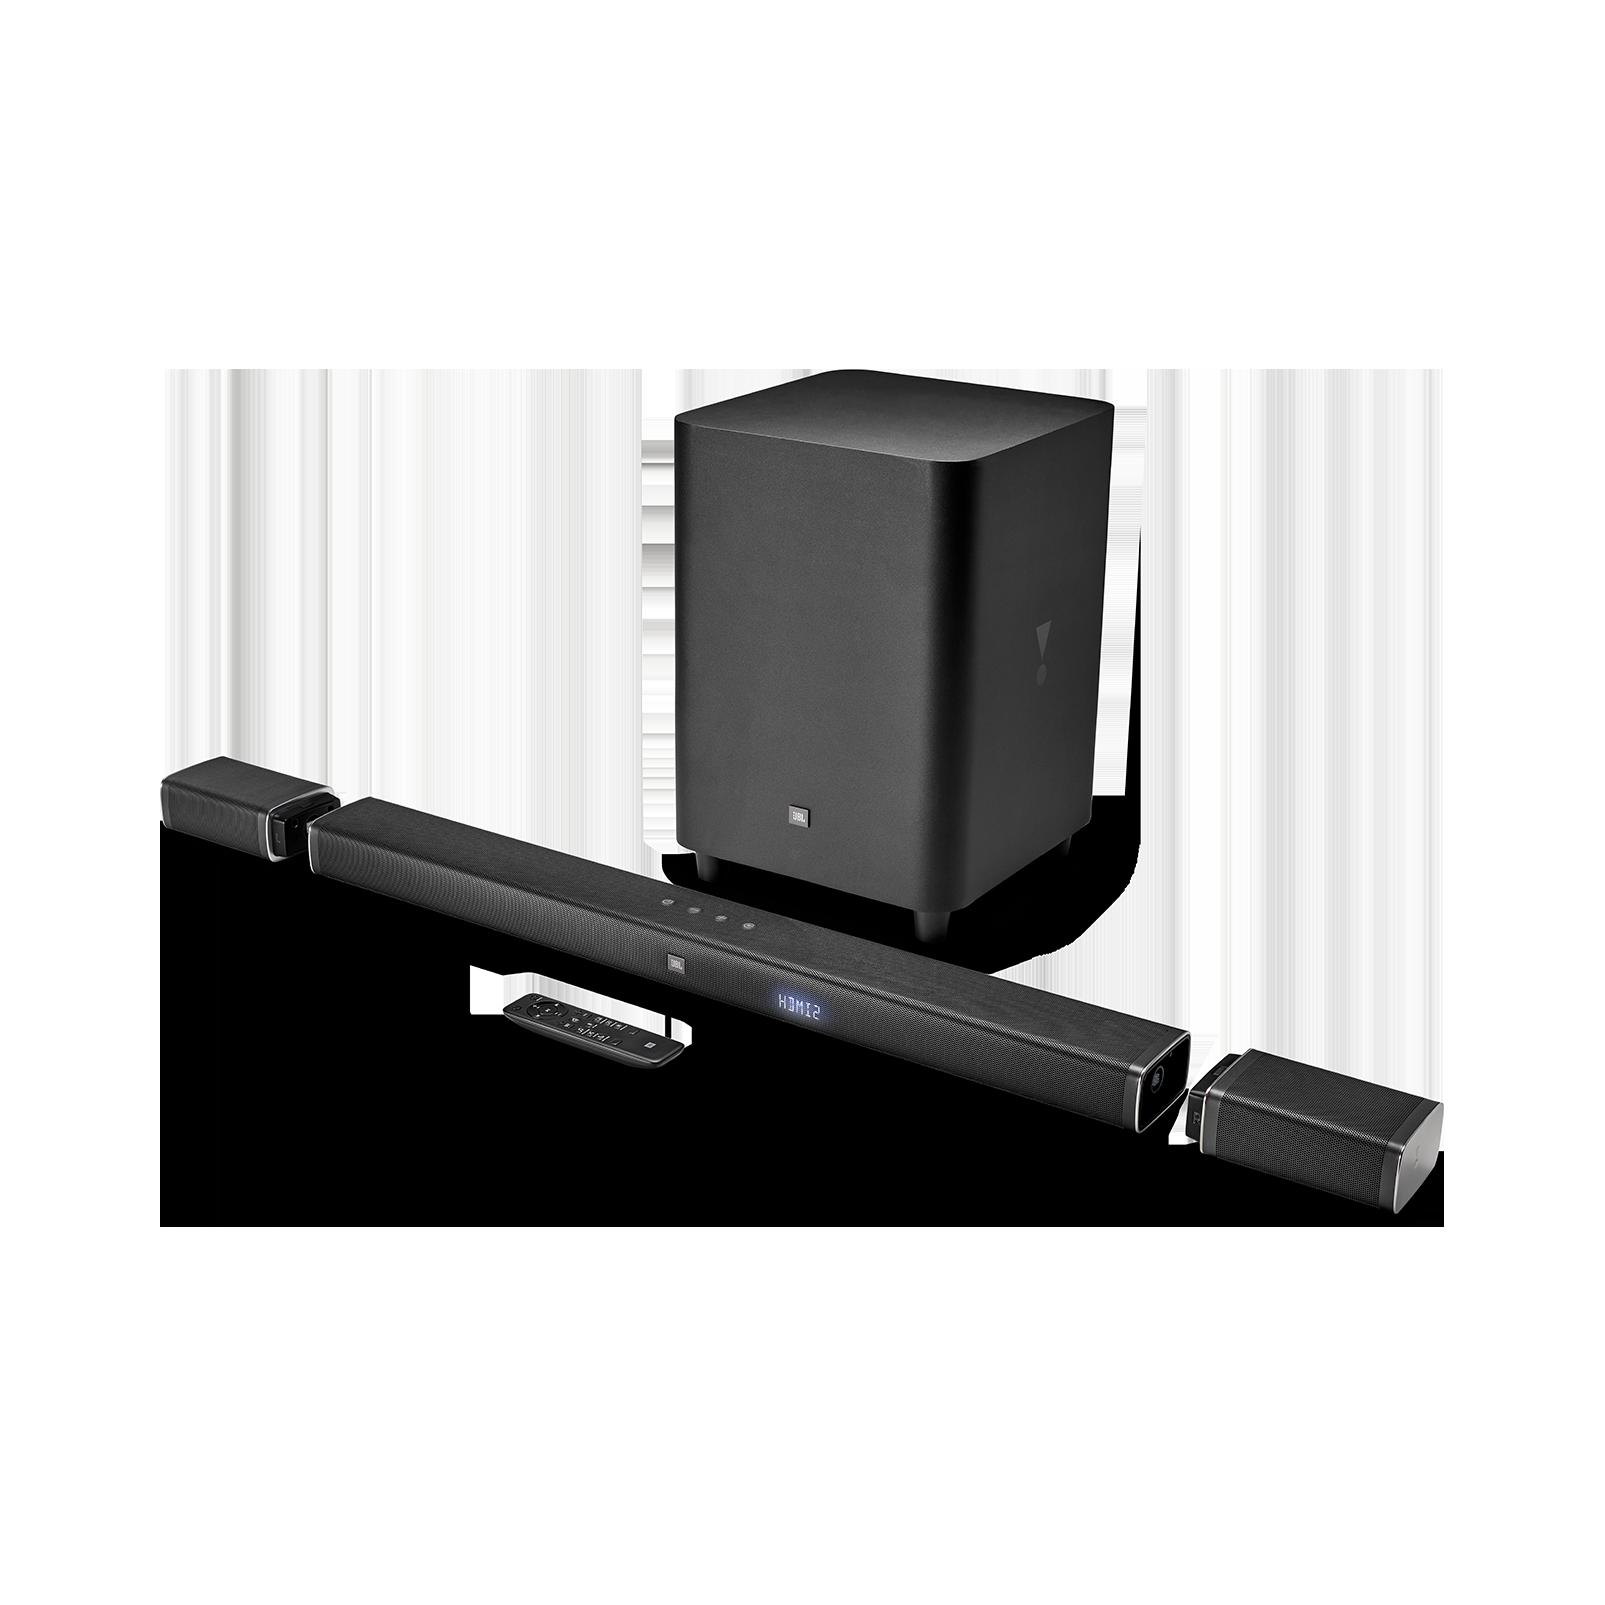 JBL Bar 5.1 - Black - 5.1-Channel 4K Ultra HD Soundbar with True Wireless Surround Speakers - Hero